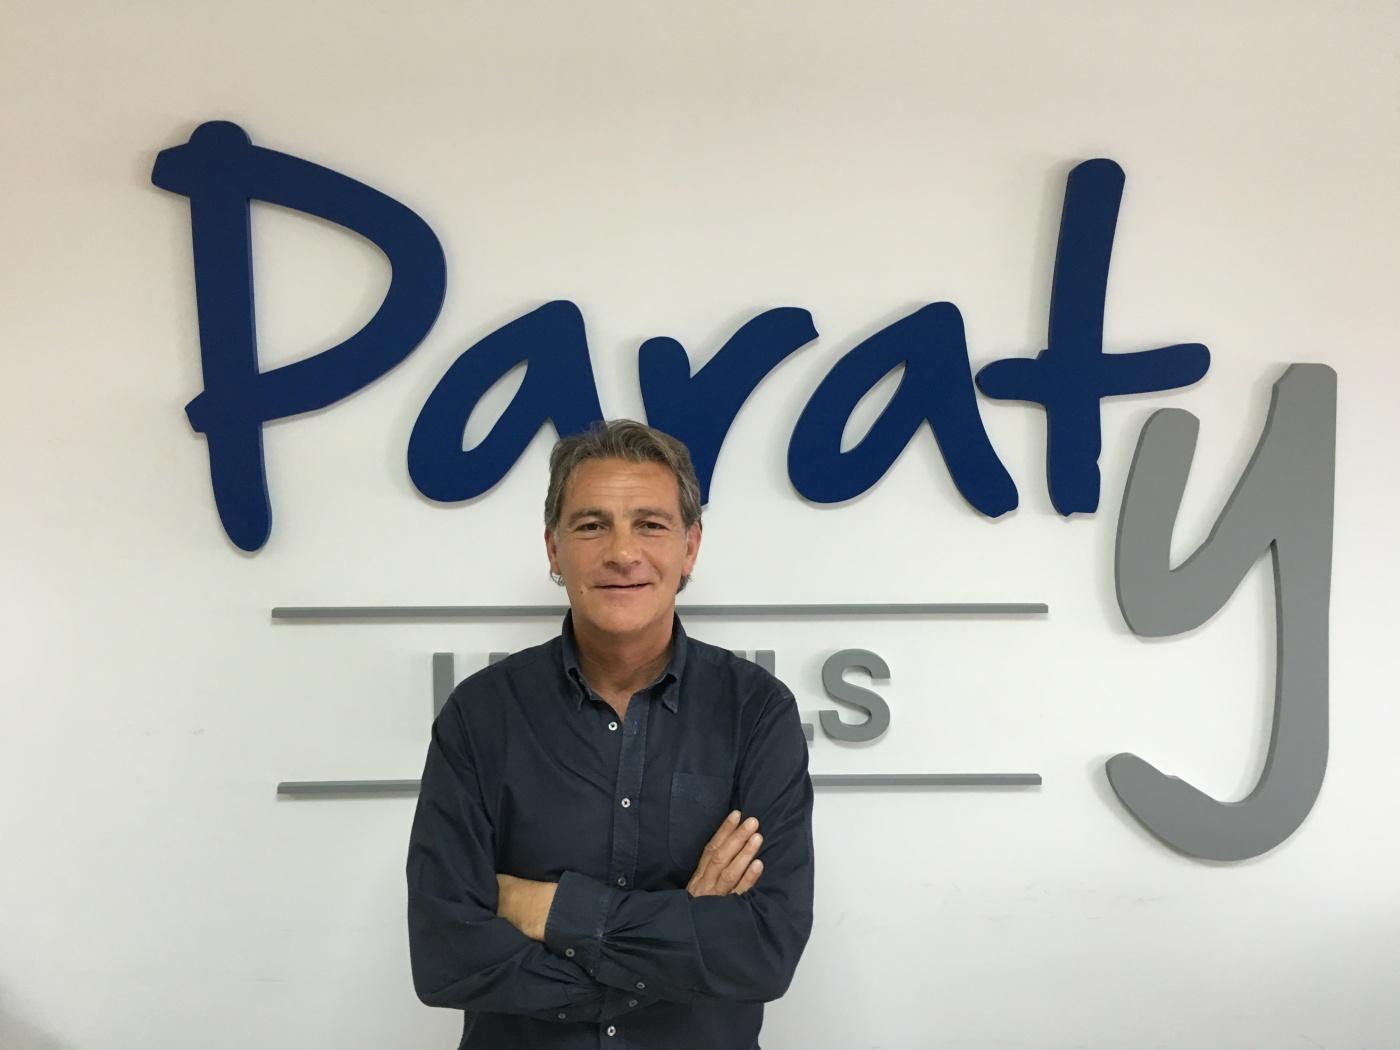 Pietro filippi turismo y tecnolog a for Oficina turismo roma